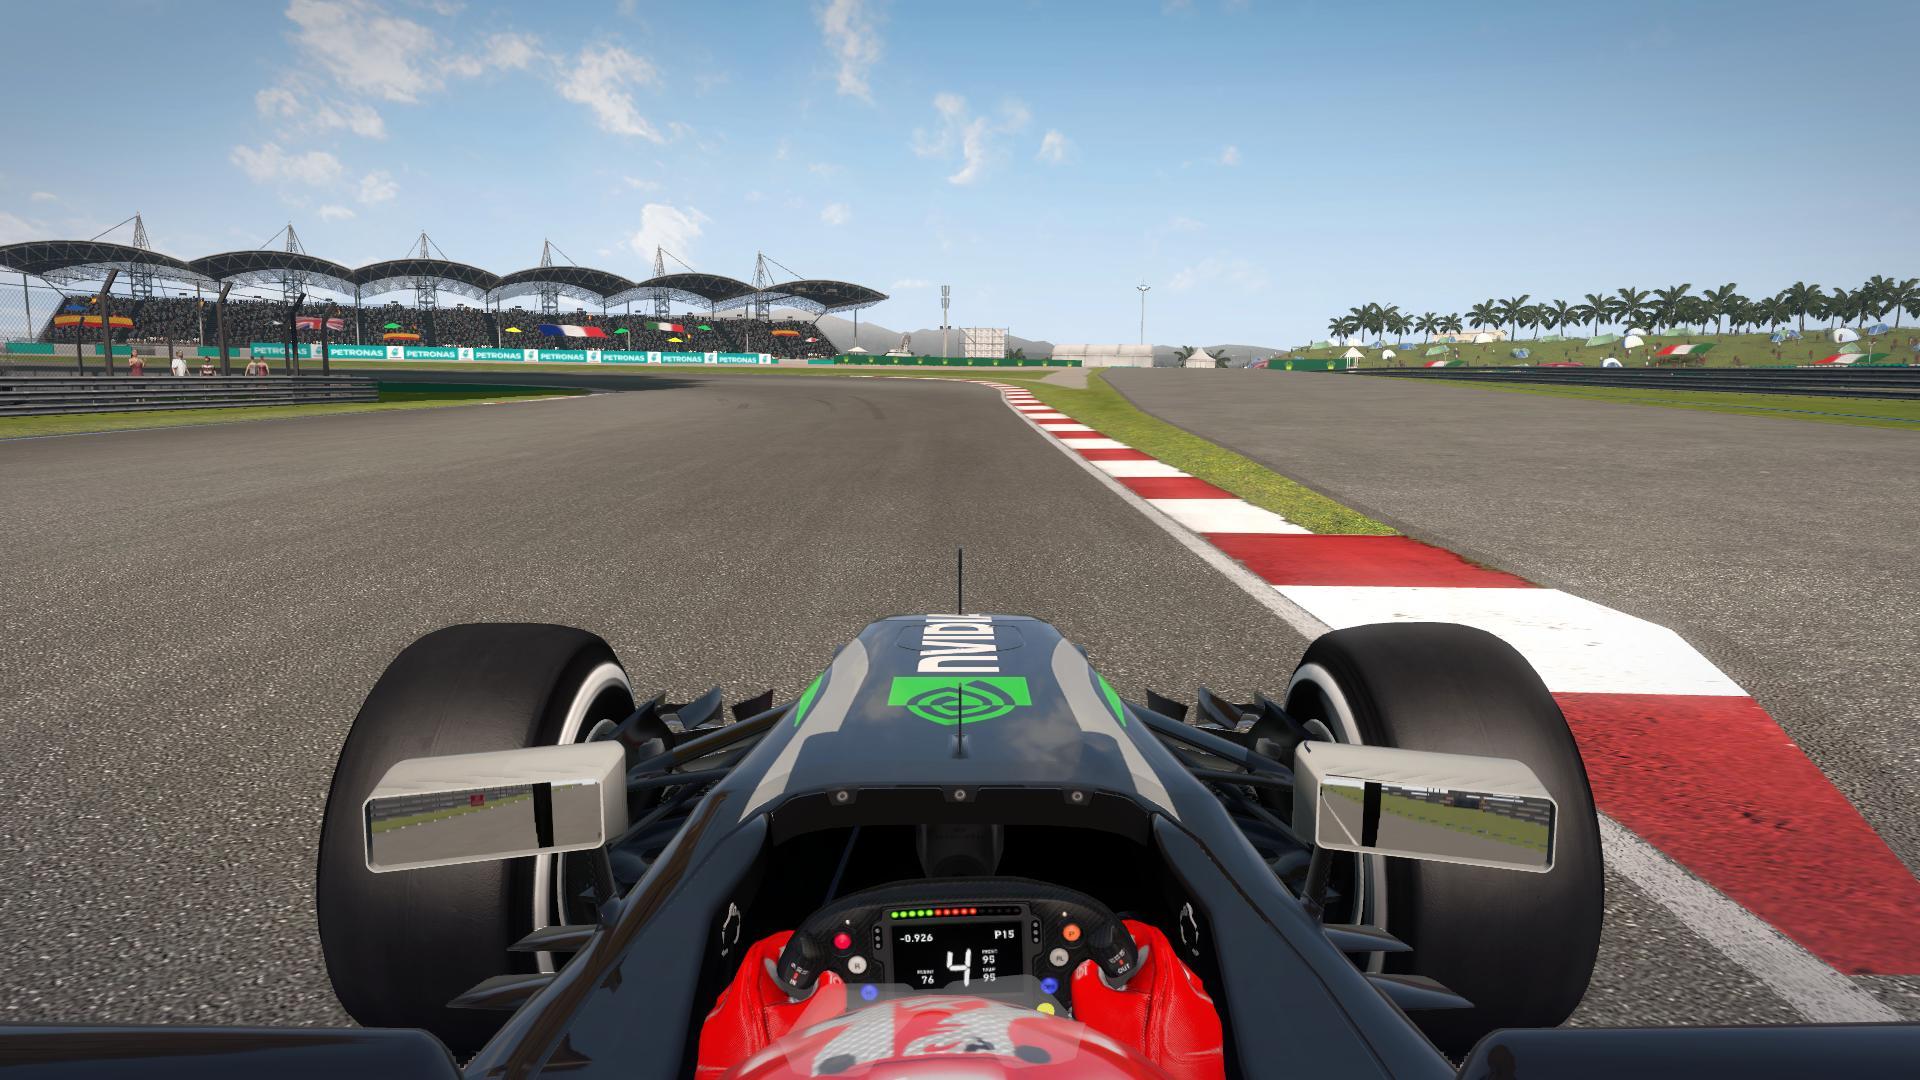 F1_2014 2017-03-09 17-29-53-31.jpg